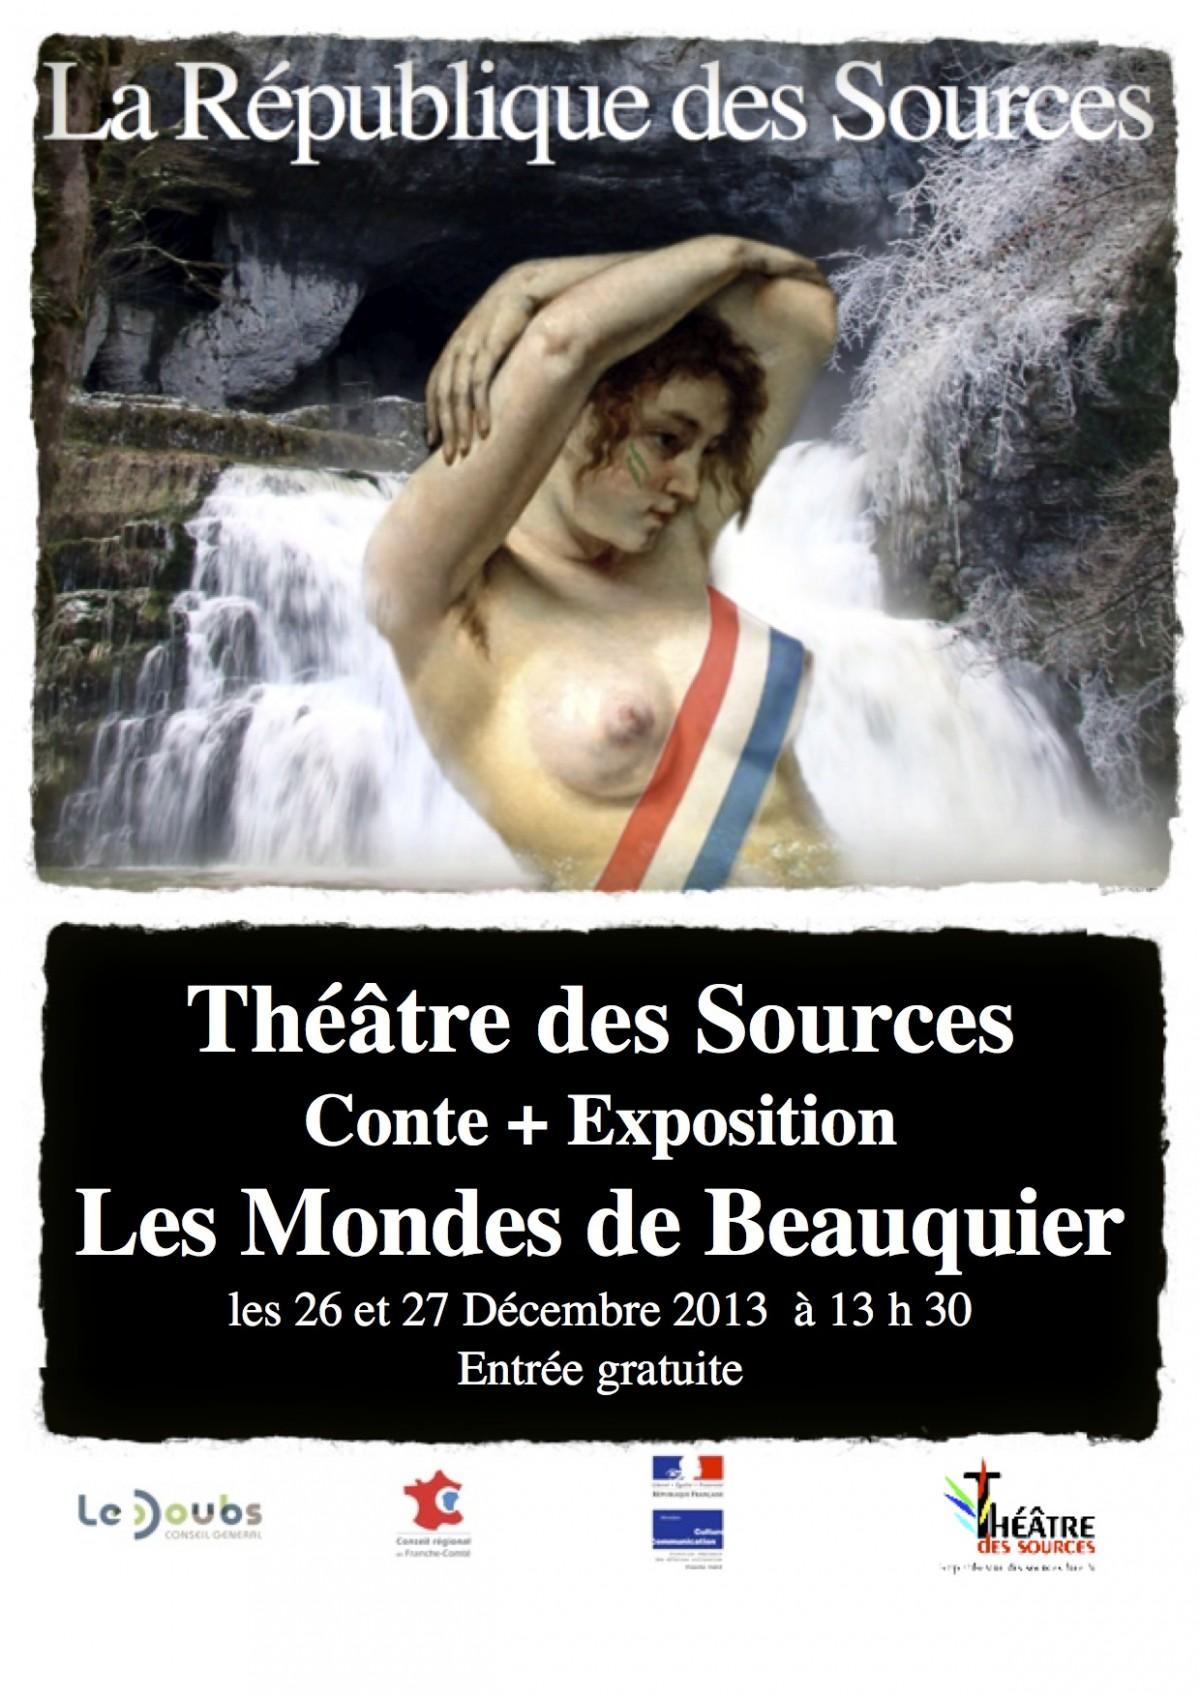 Affiche de La République des Sources